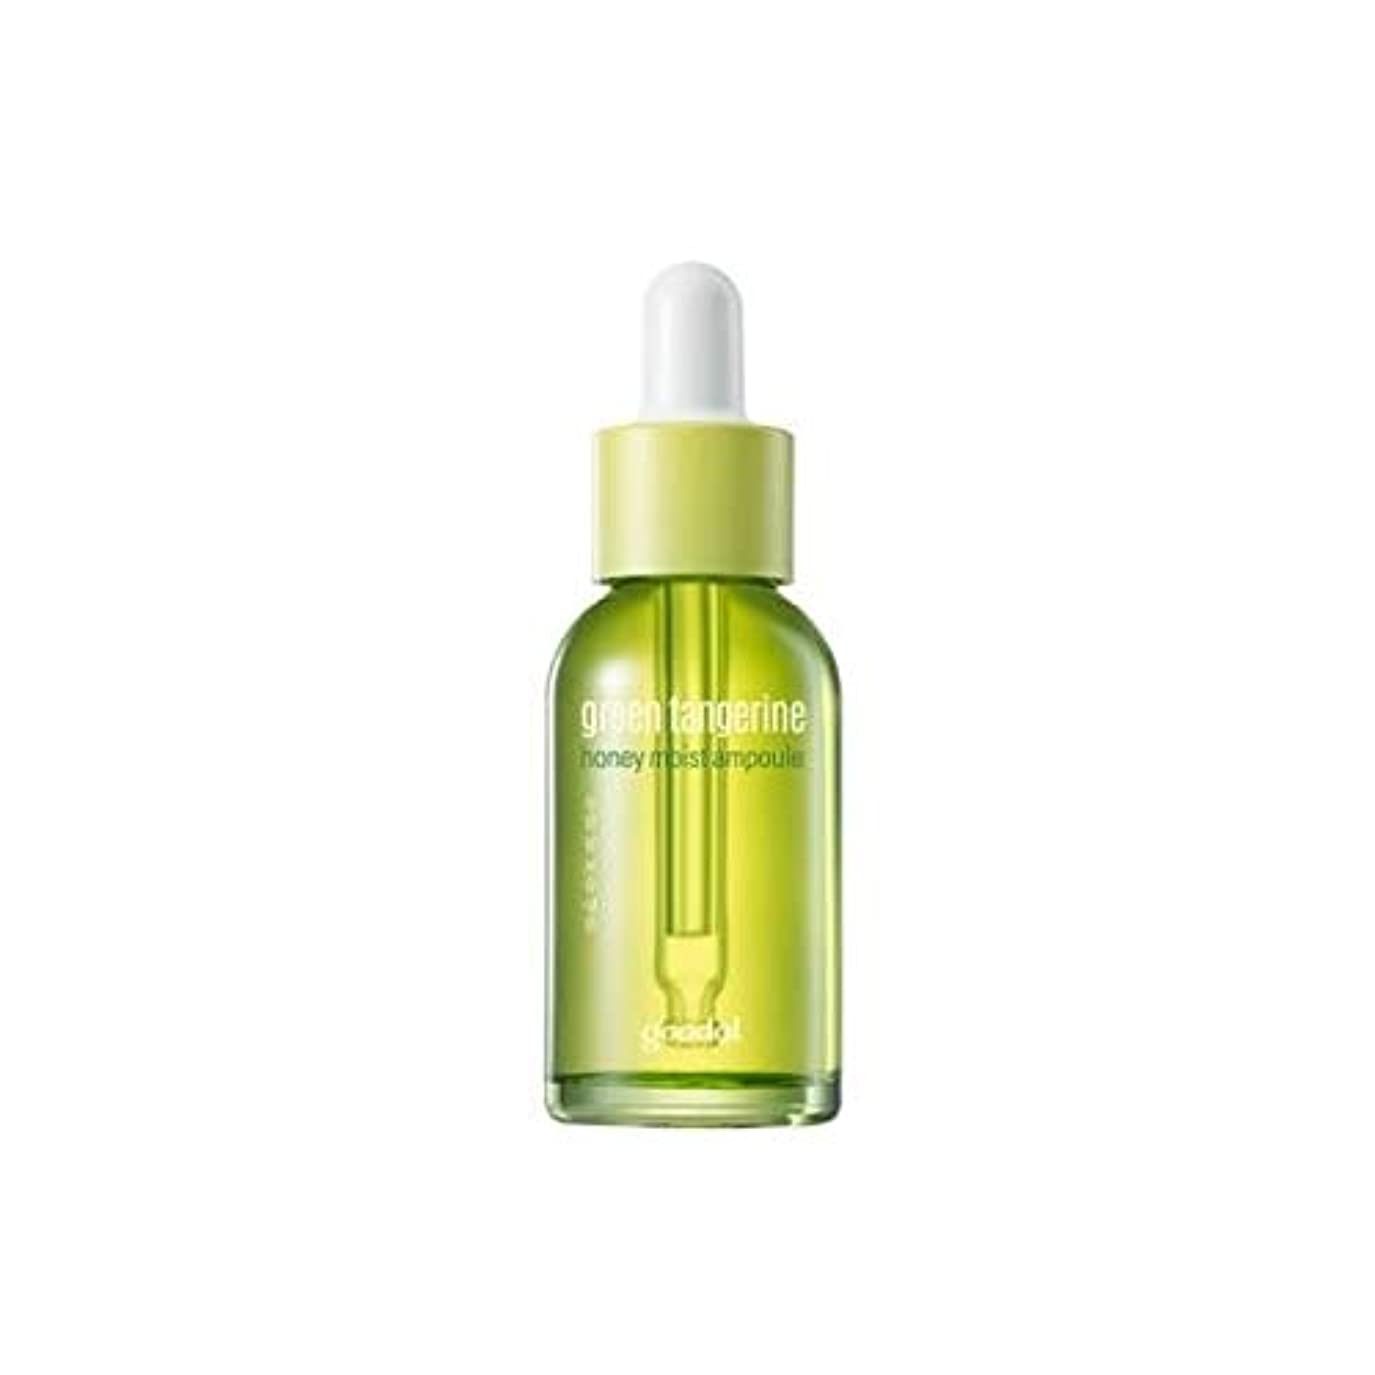 倍率トラフ隠すGoodal Green Tangerine Honey Moist Ampule グーダル チョンギュル(青みかん) ハニー モイスト アンプル 30ml [並行輸入品]